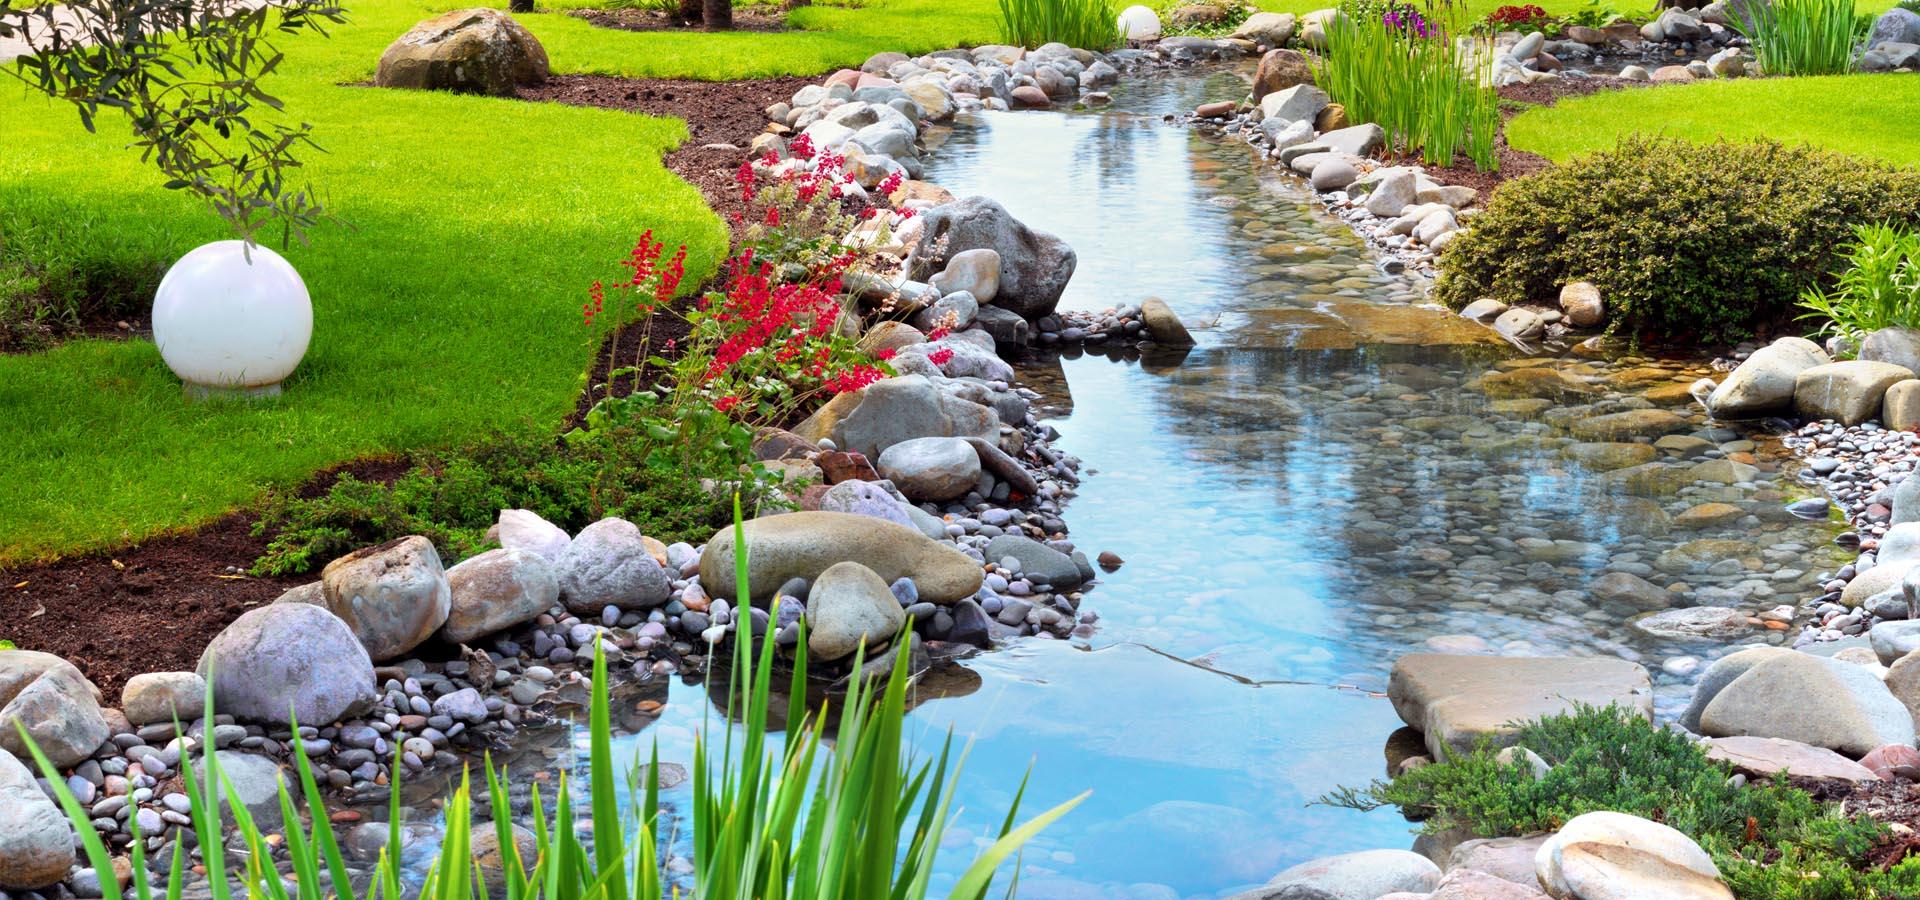 Arranging rockery stones: Ten top tips